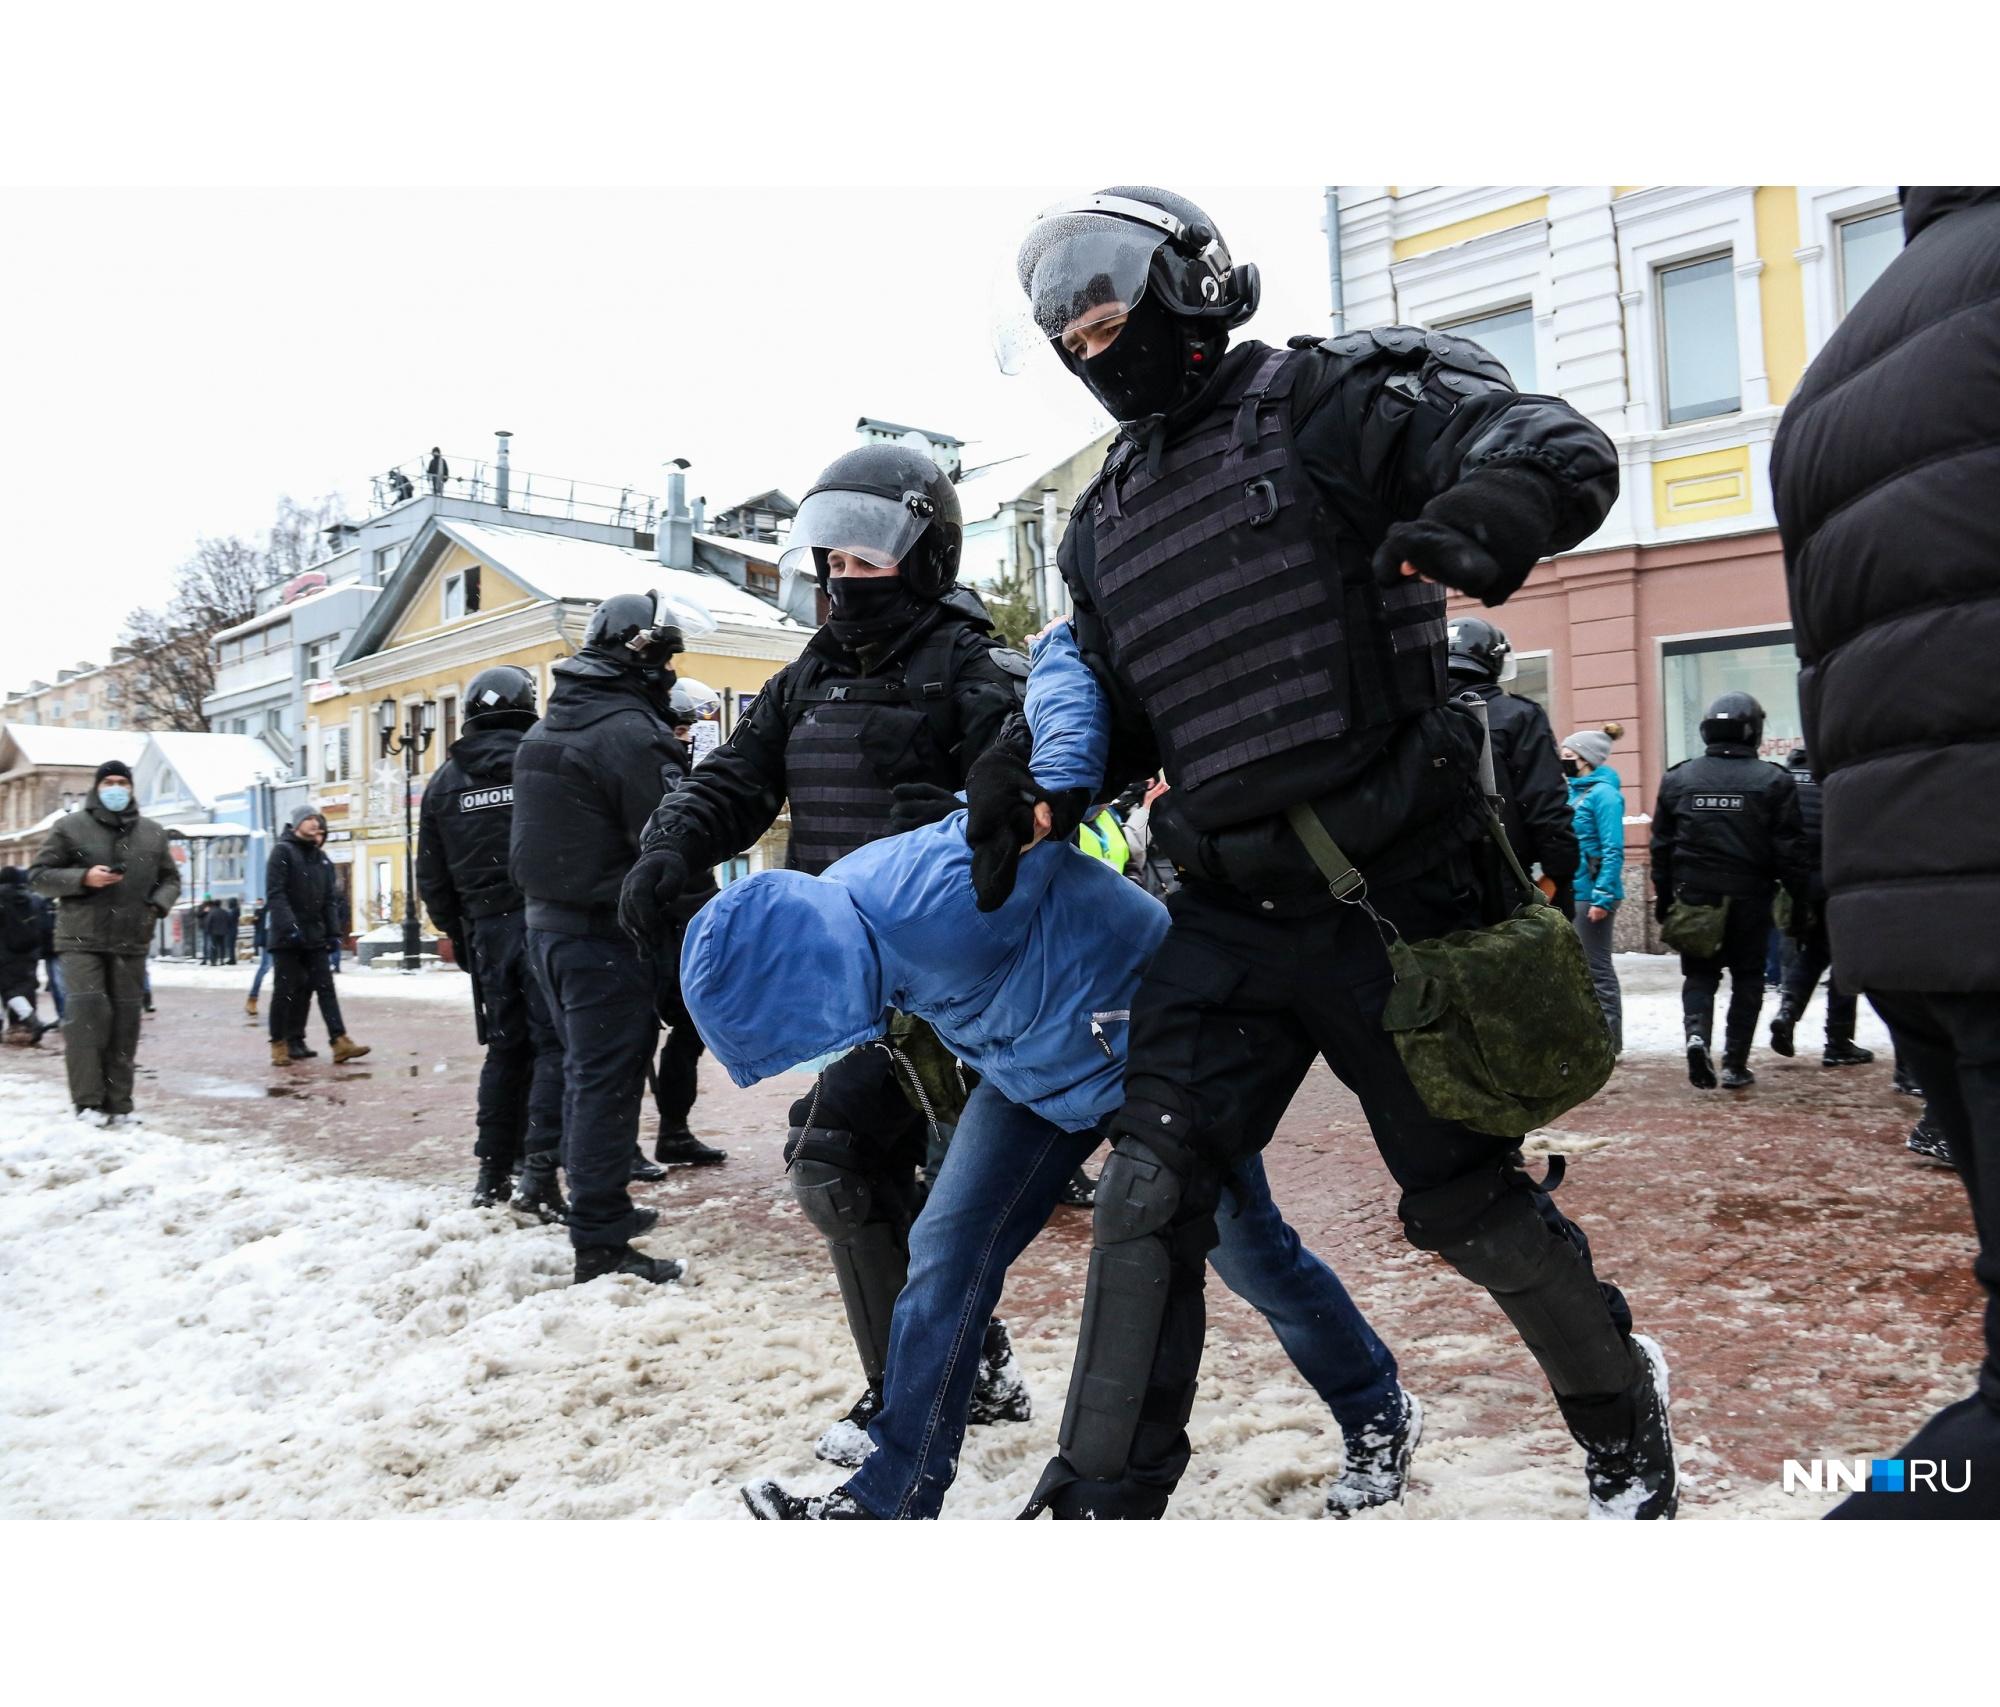 Тогда же прошли и первые задержания. Всего во время акции, по неофициальным данным, задержано более 100 человек